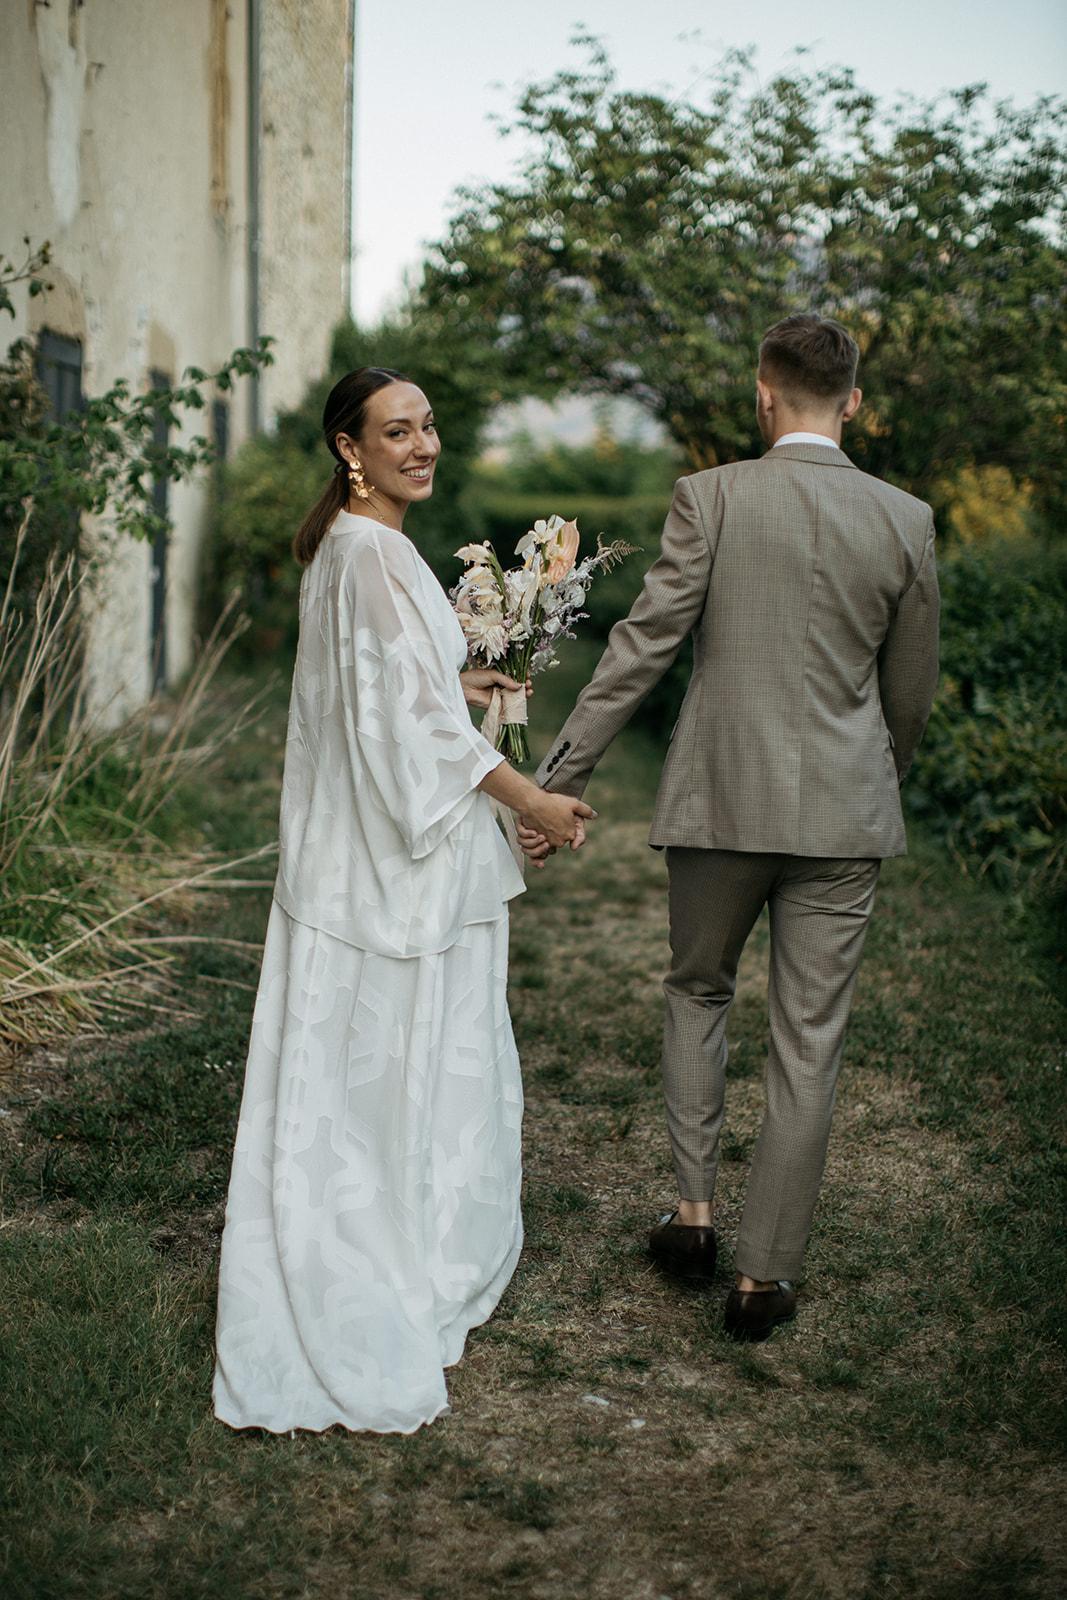 841-Lifestories-Wedding-Marylou-Chris-20